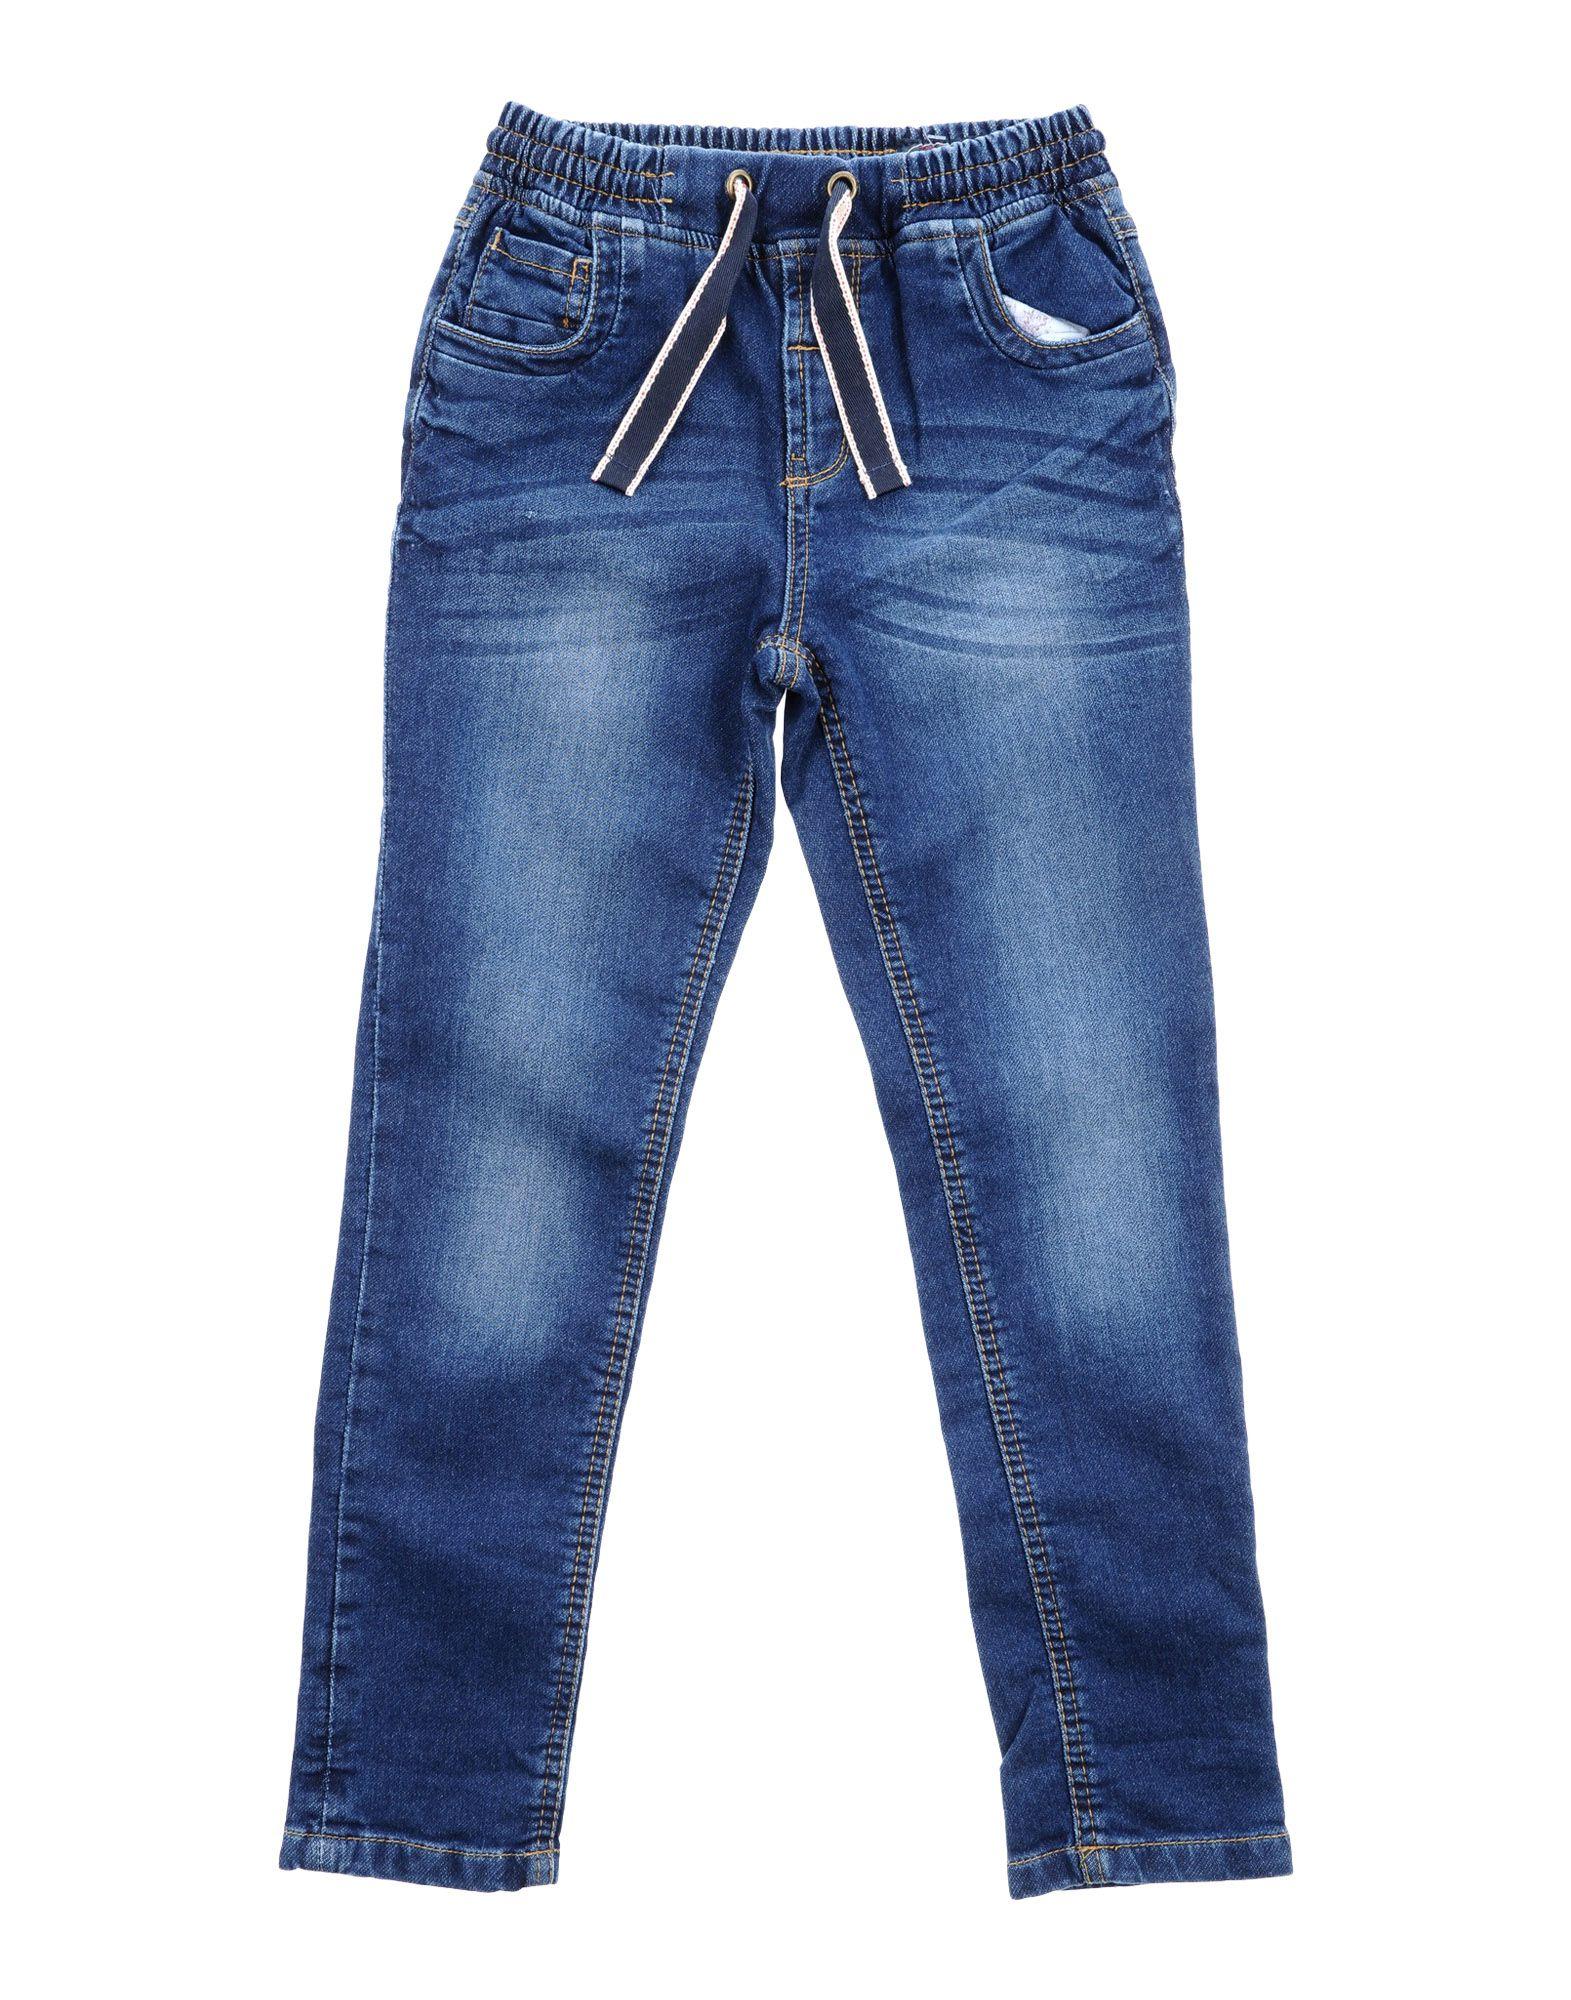 SP1 Джинсовые брюки брюки текстильные джинсовые для девочек 110 362110 синий деним ean 4690244732001